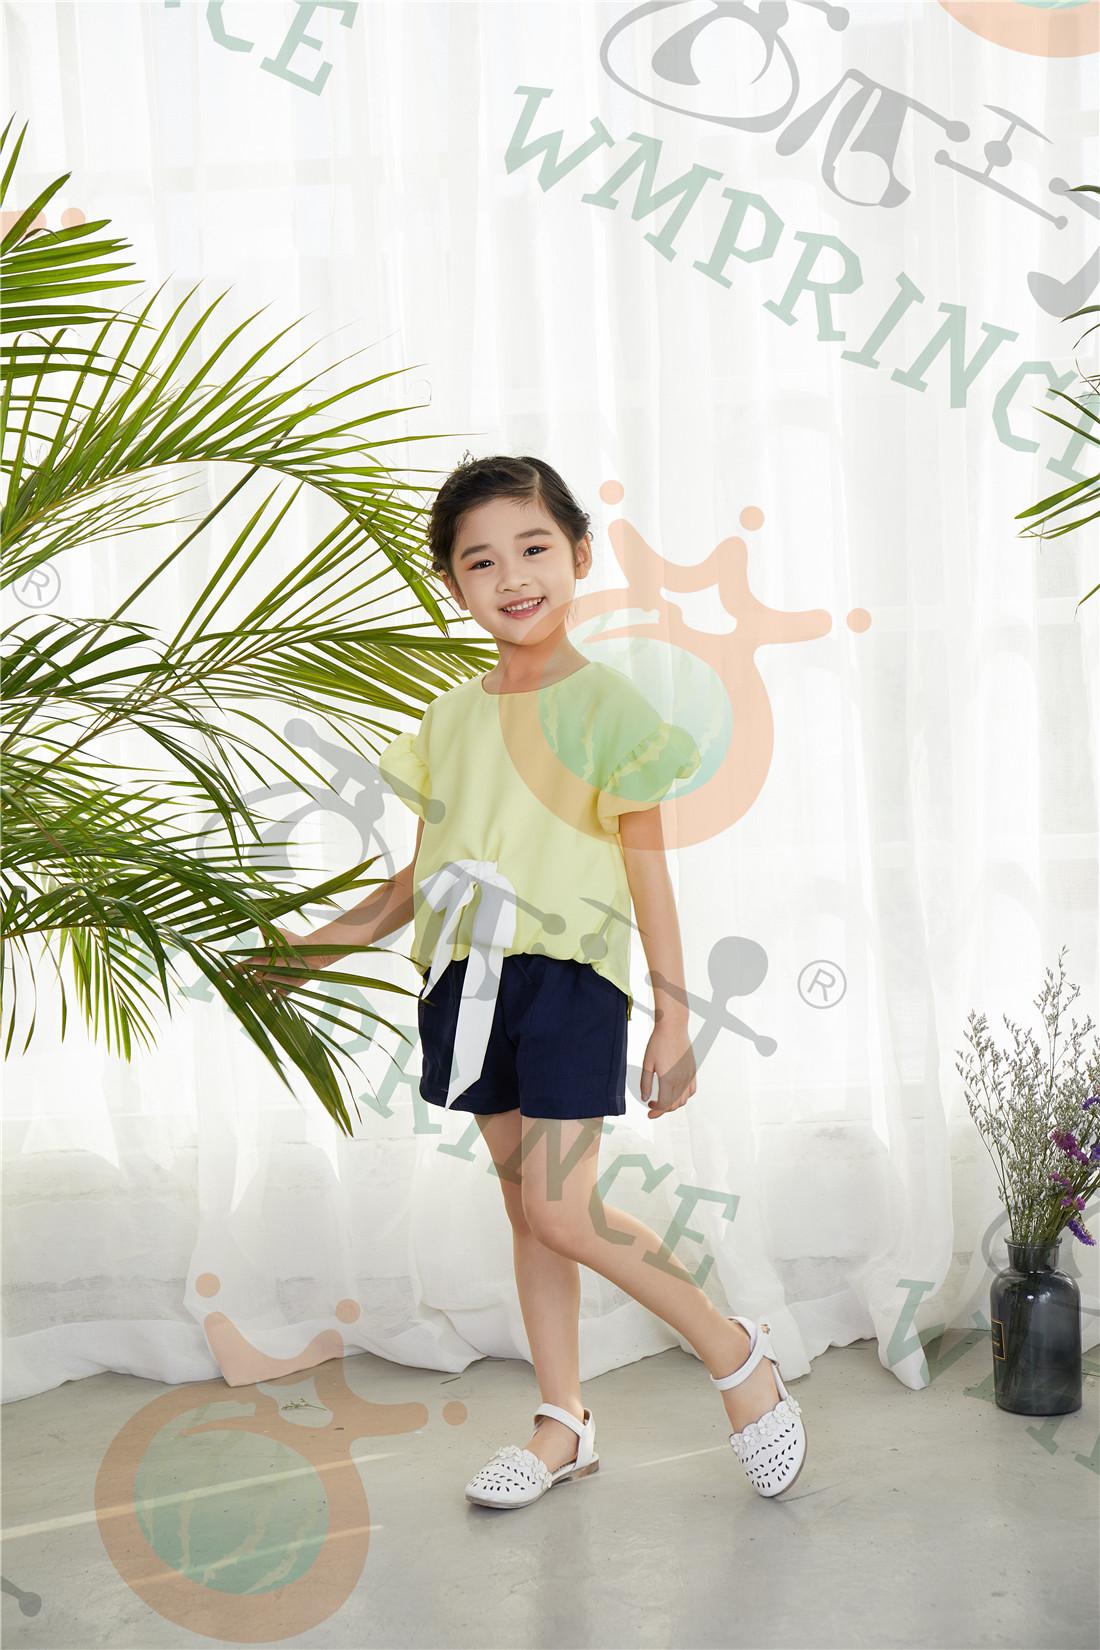 西瓜王子童装,穿出来的好品牌